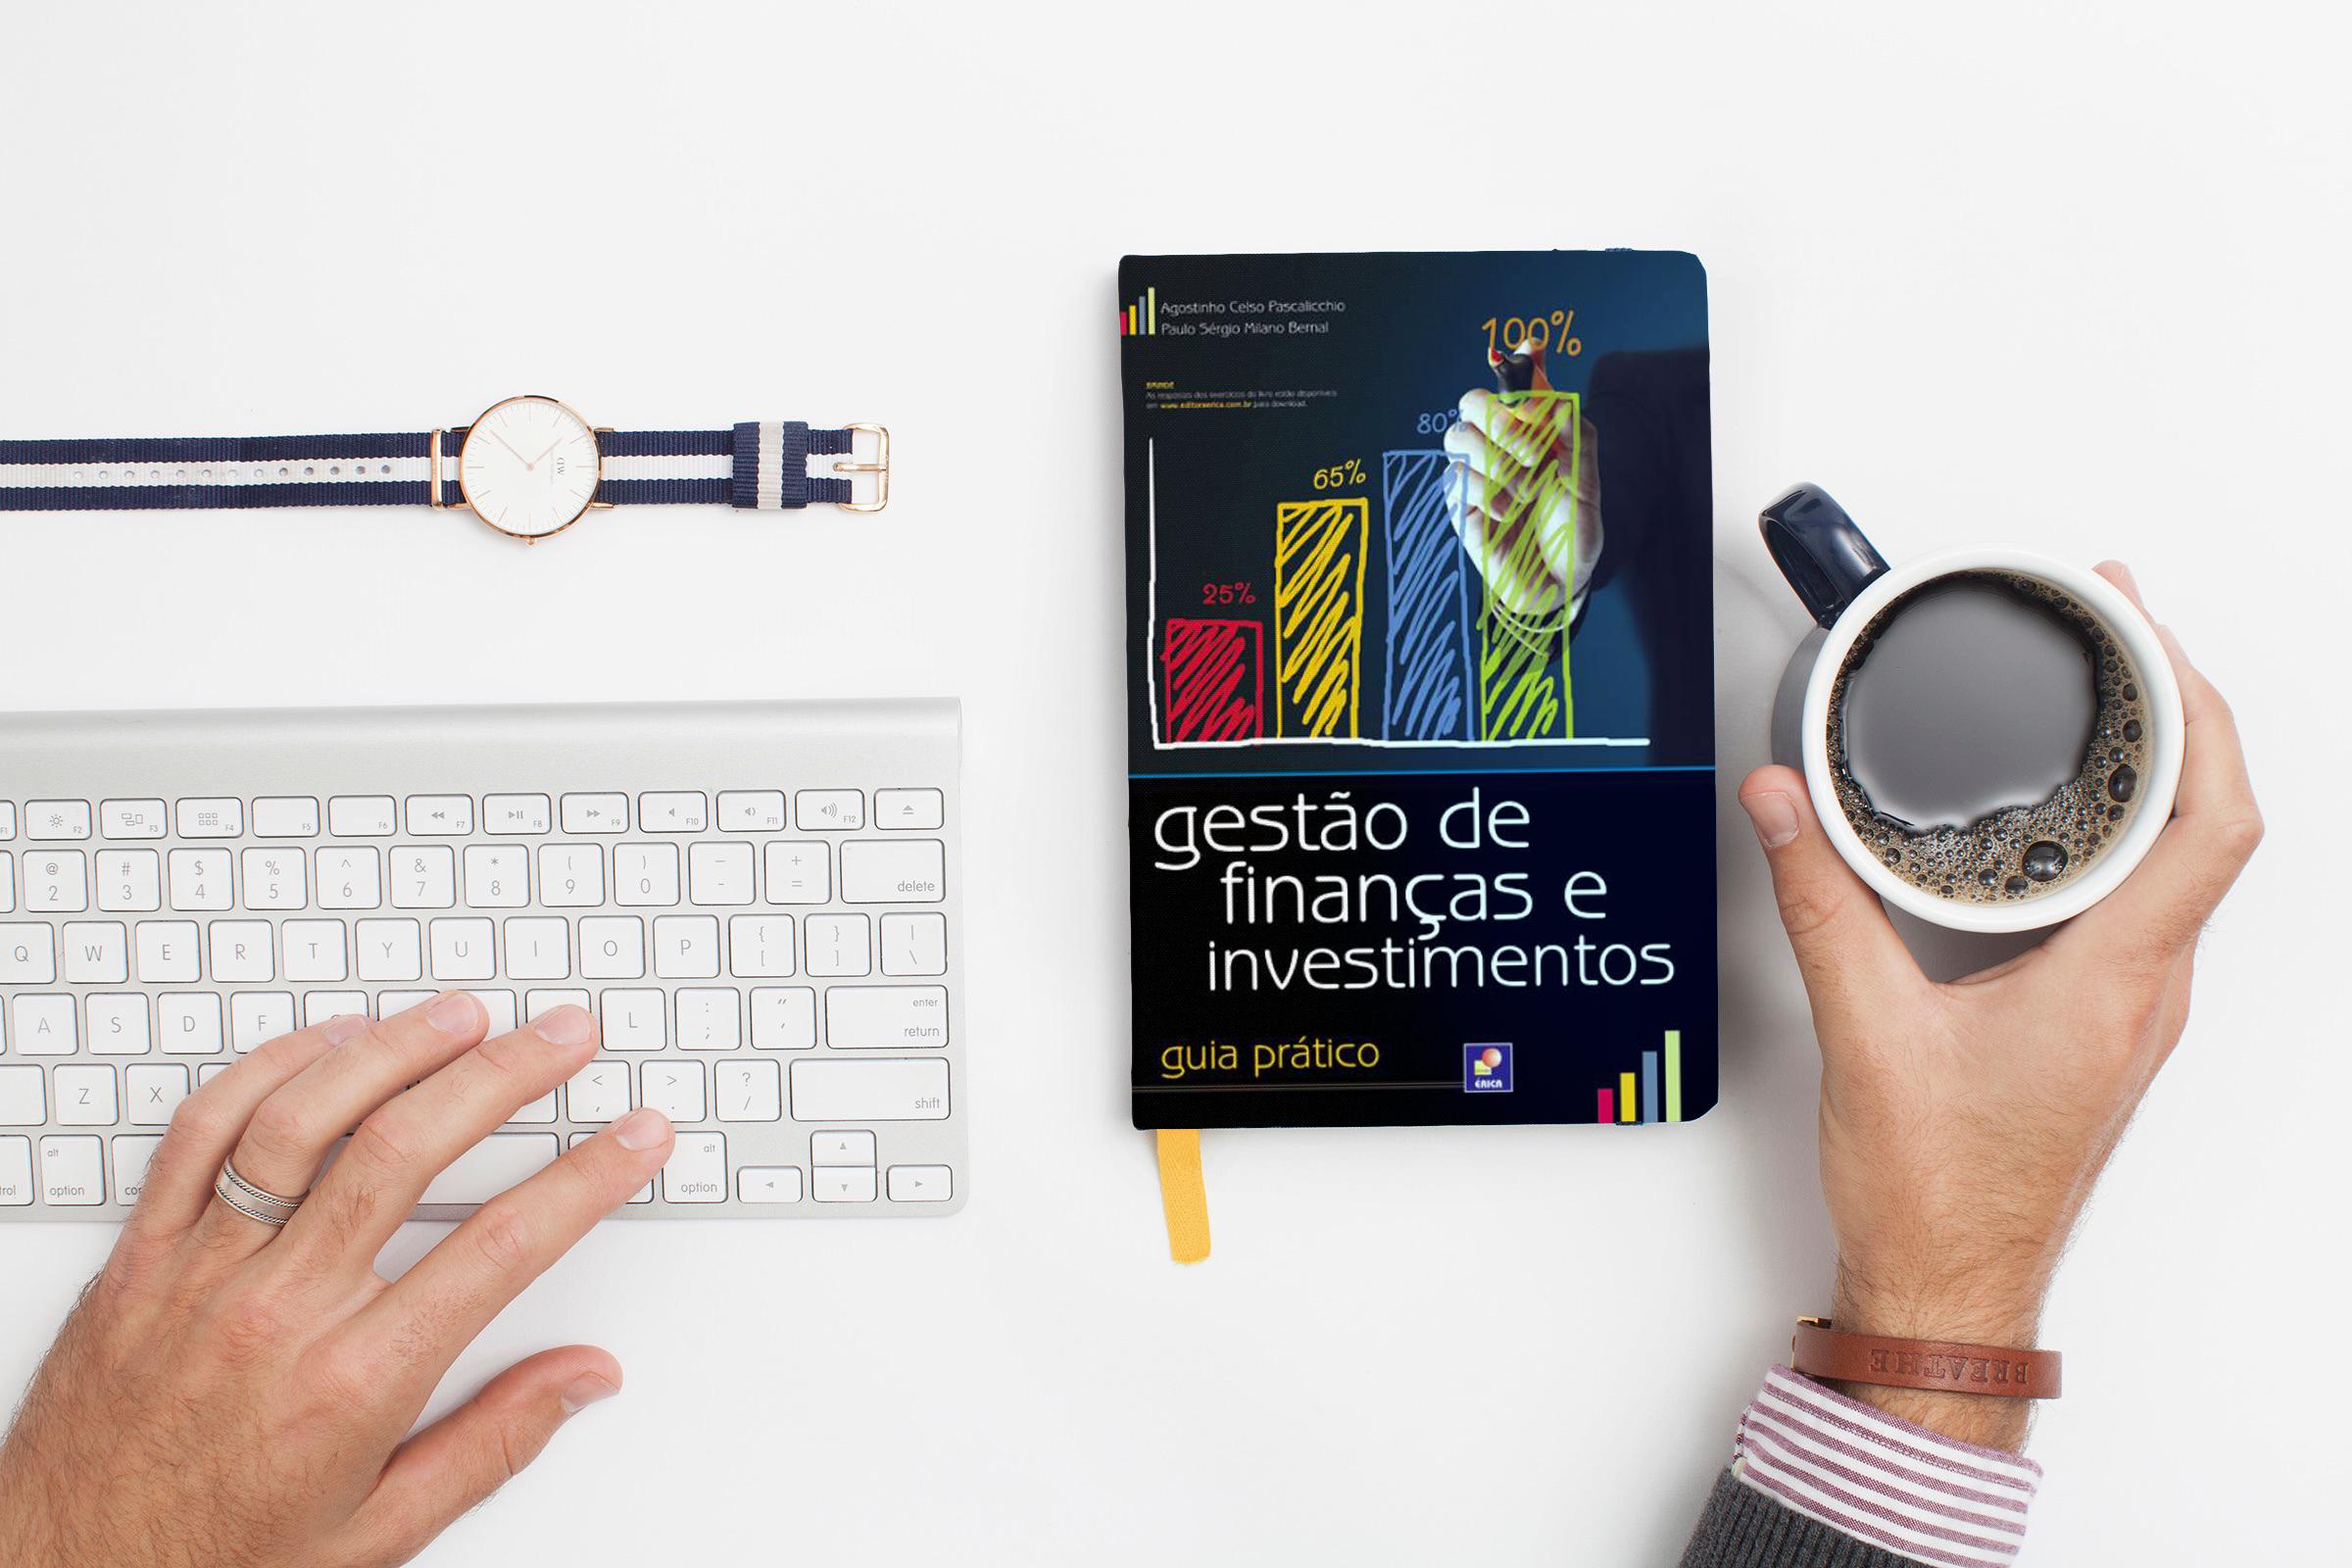 Livro Gestão de finanças e investimentos